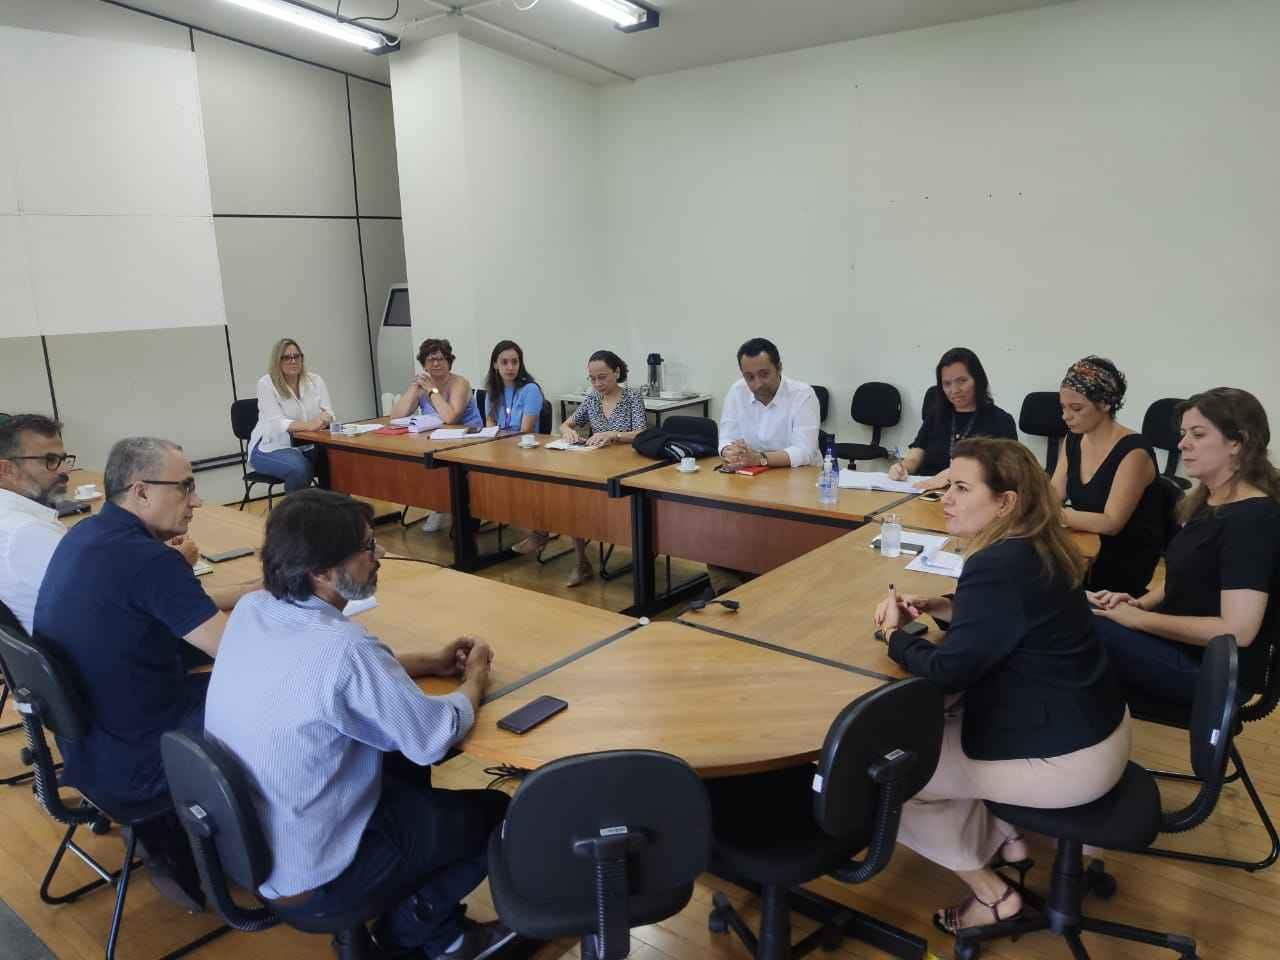 Medida foi definida em encontro que reuniu a reitora Sandra Goulart Almeida (à direita) com integrantes do comitê de enfrentamento do coronavírus